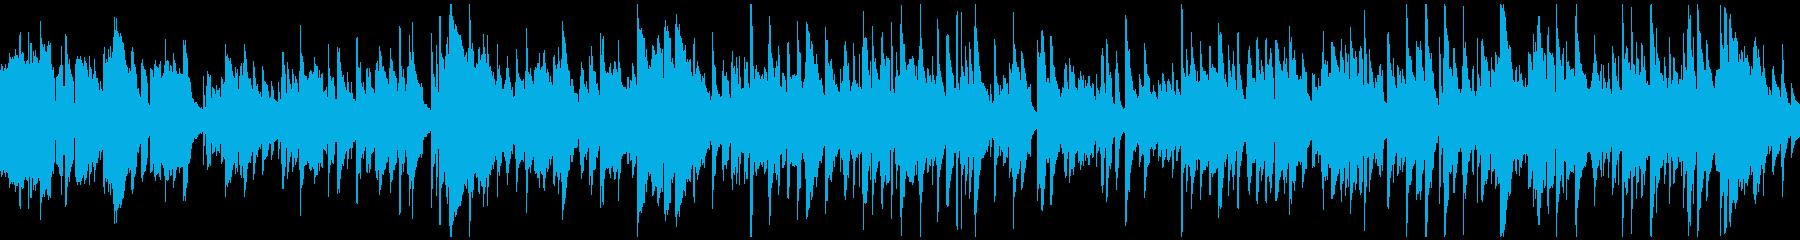 センチメンタル憂鬱系バラード ※ループ版の再生済みの波形